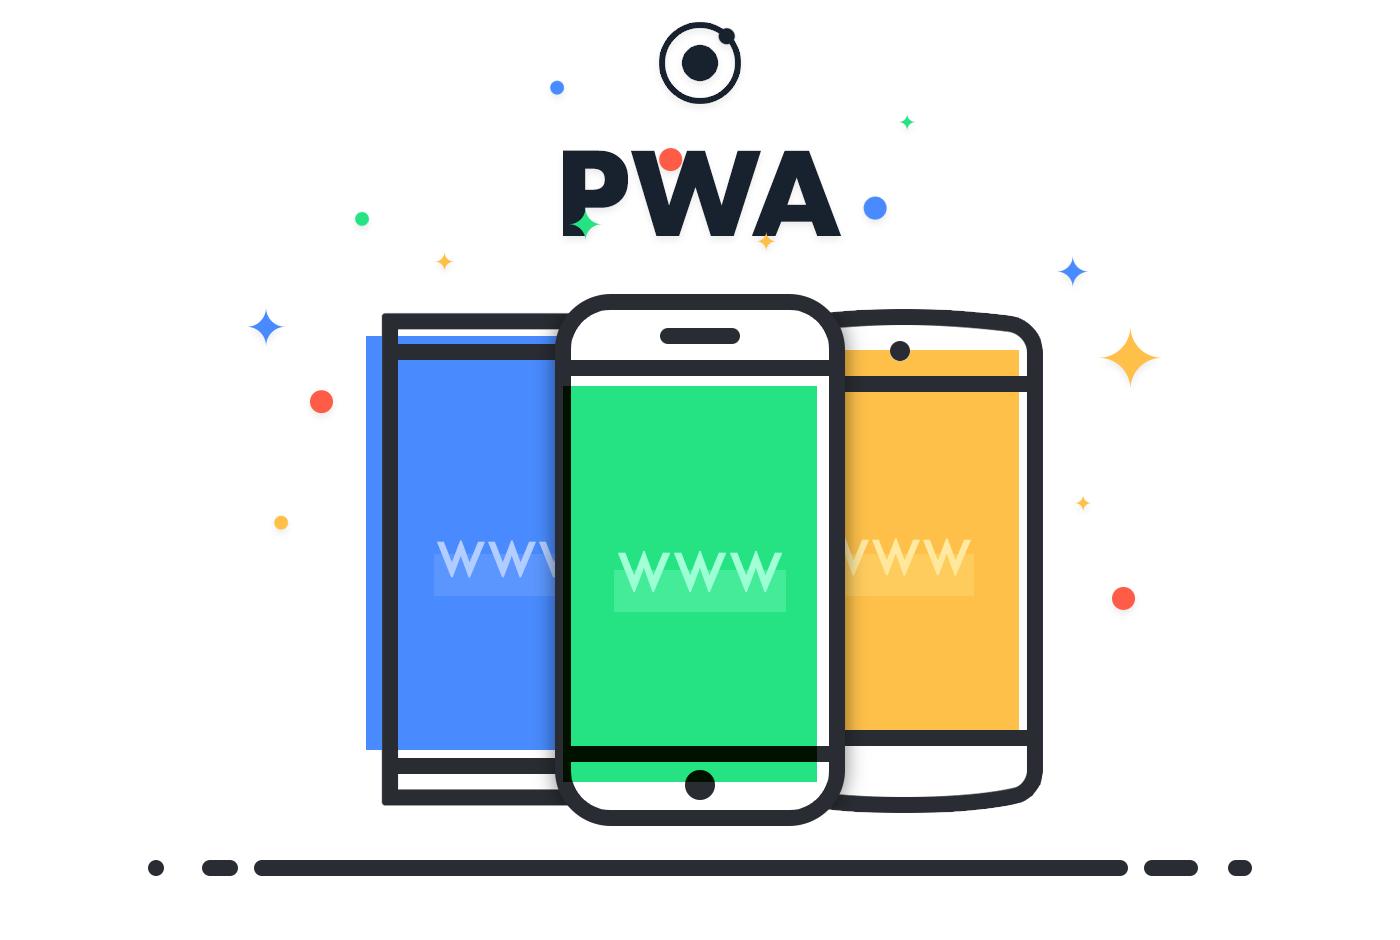 در مورد وب اپلیکیشن پیش رونده (PWA) چیزی میدونی ؟